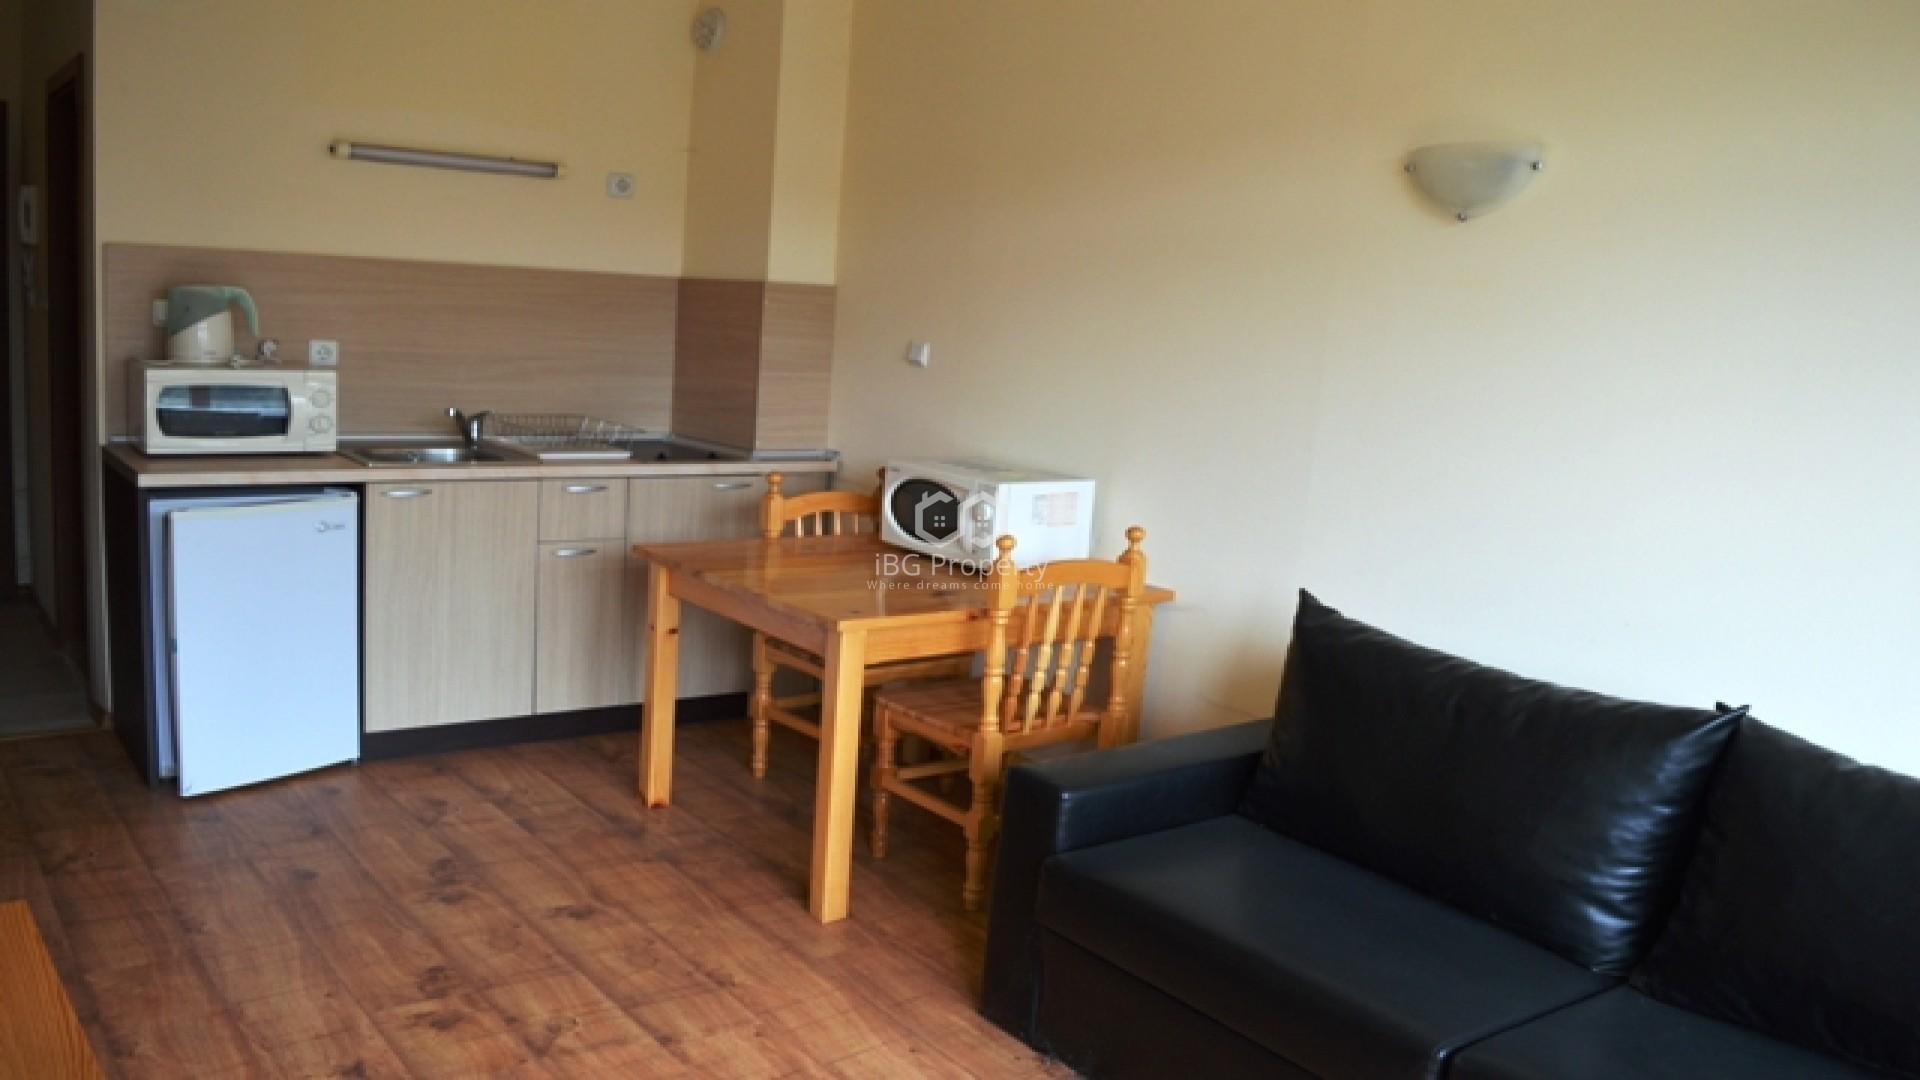 Einzimmerwohnung in Bansko 27 m2